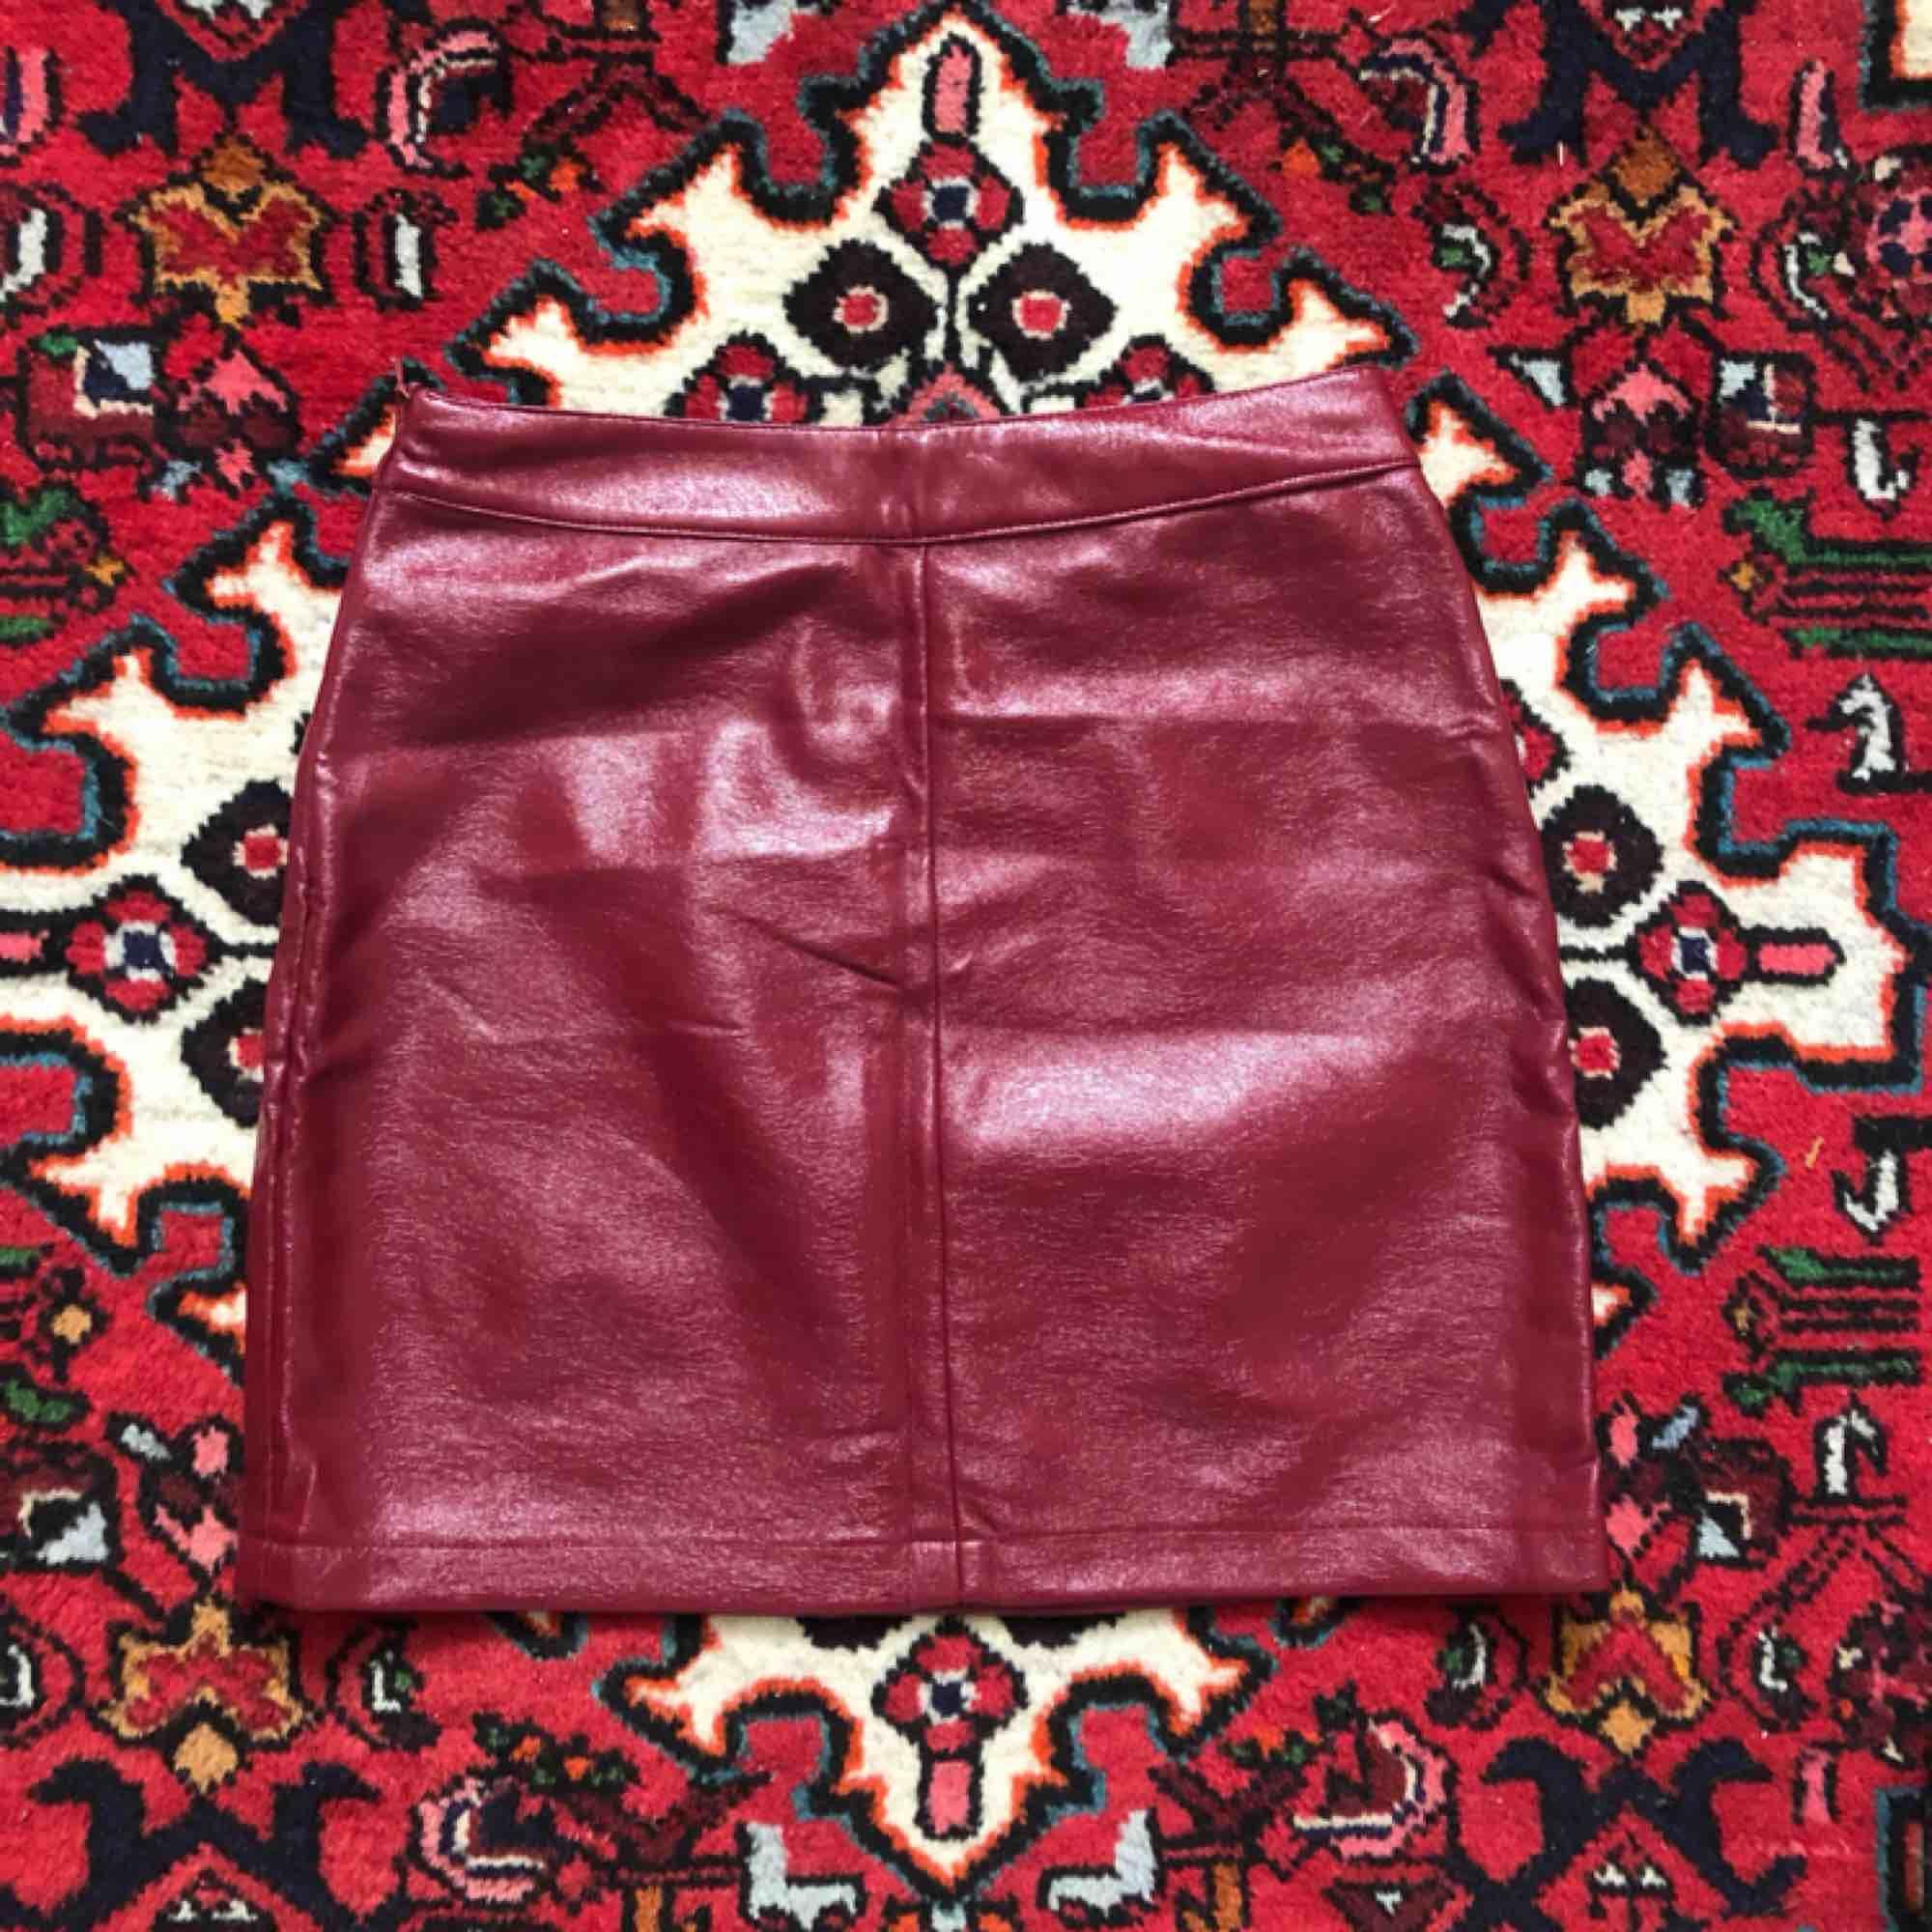 9a65fb6c285a Kjol i röd lack/konstläder. Passform: tajt. Köparen står för frakt, ...